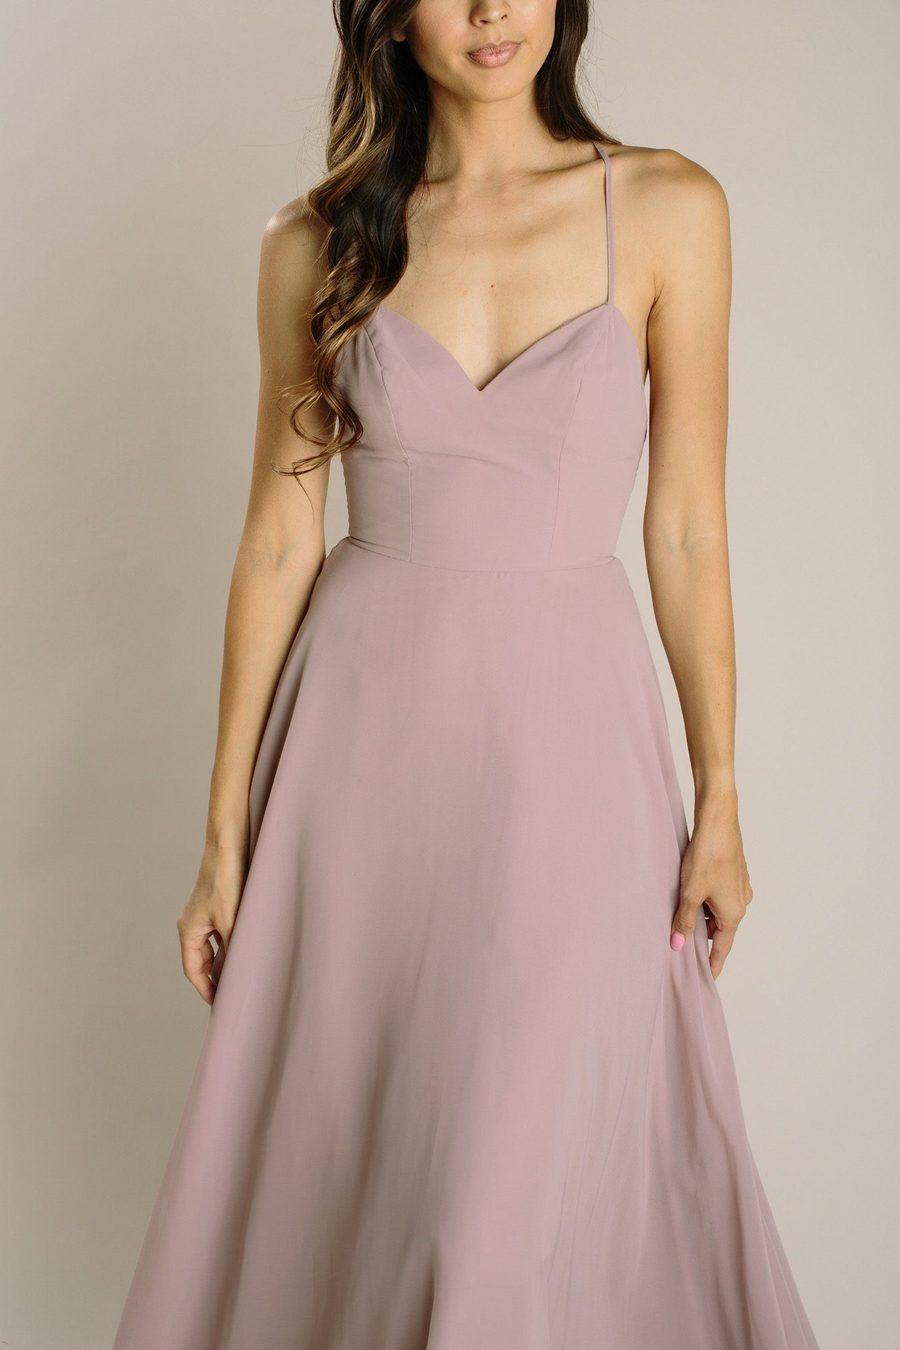 Mia Sweetheart Maxi Dress Dresses Boutique Maxi Dresses Dusty Rose Bridesmaid Dresses [ 1350 x 900 Pixel ]